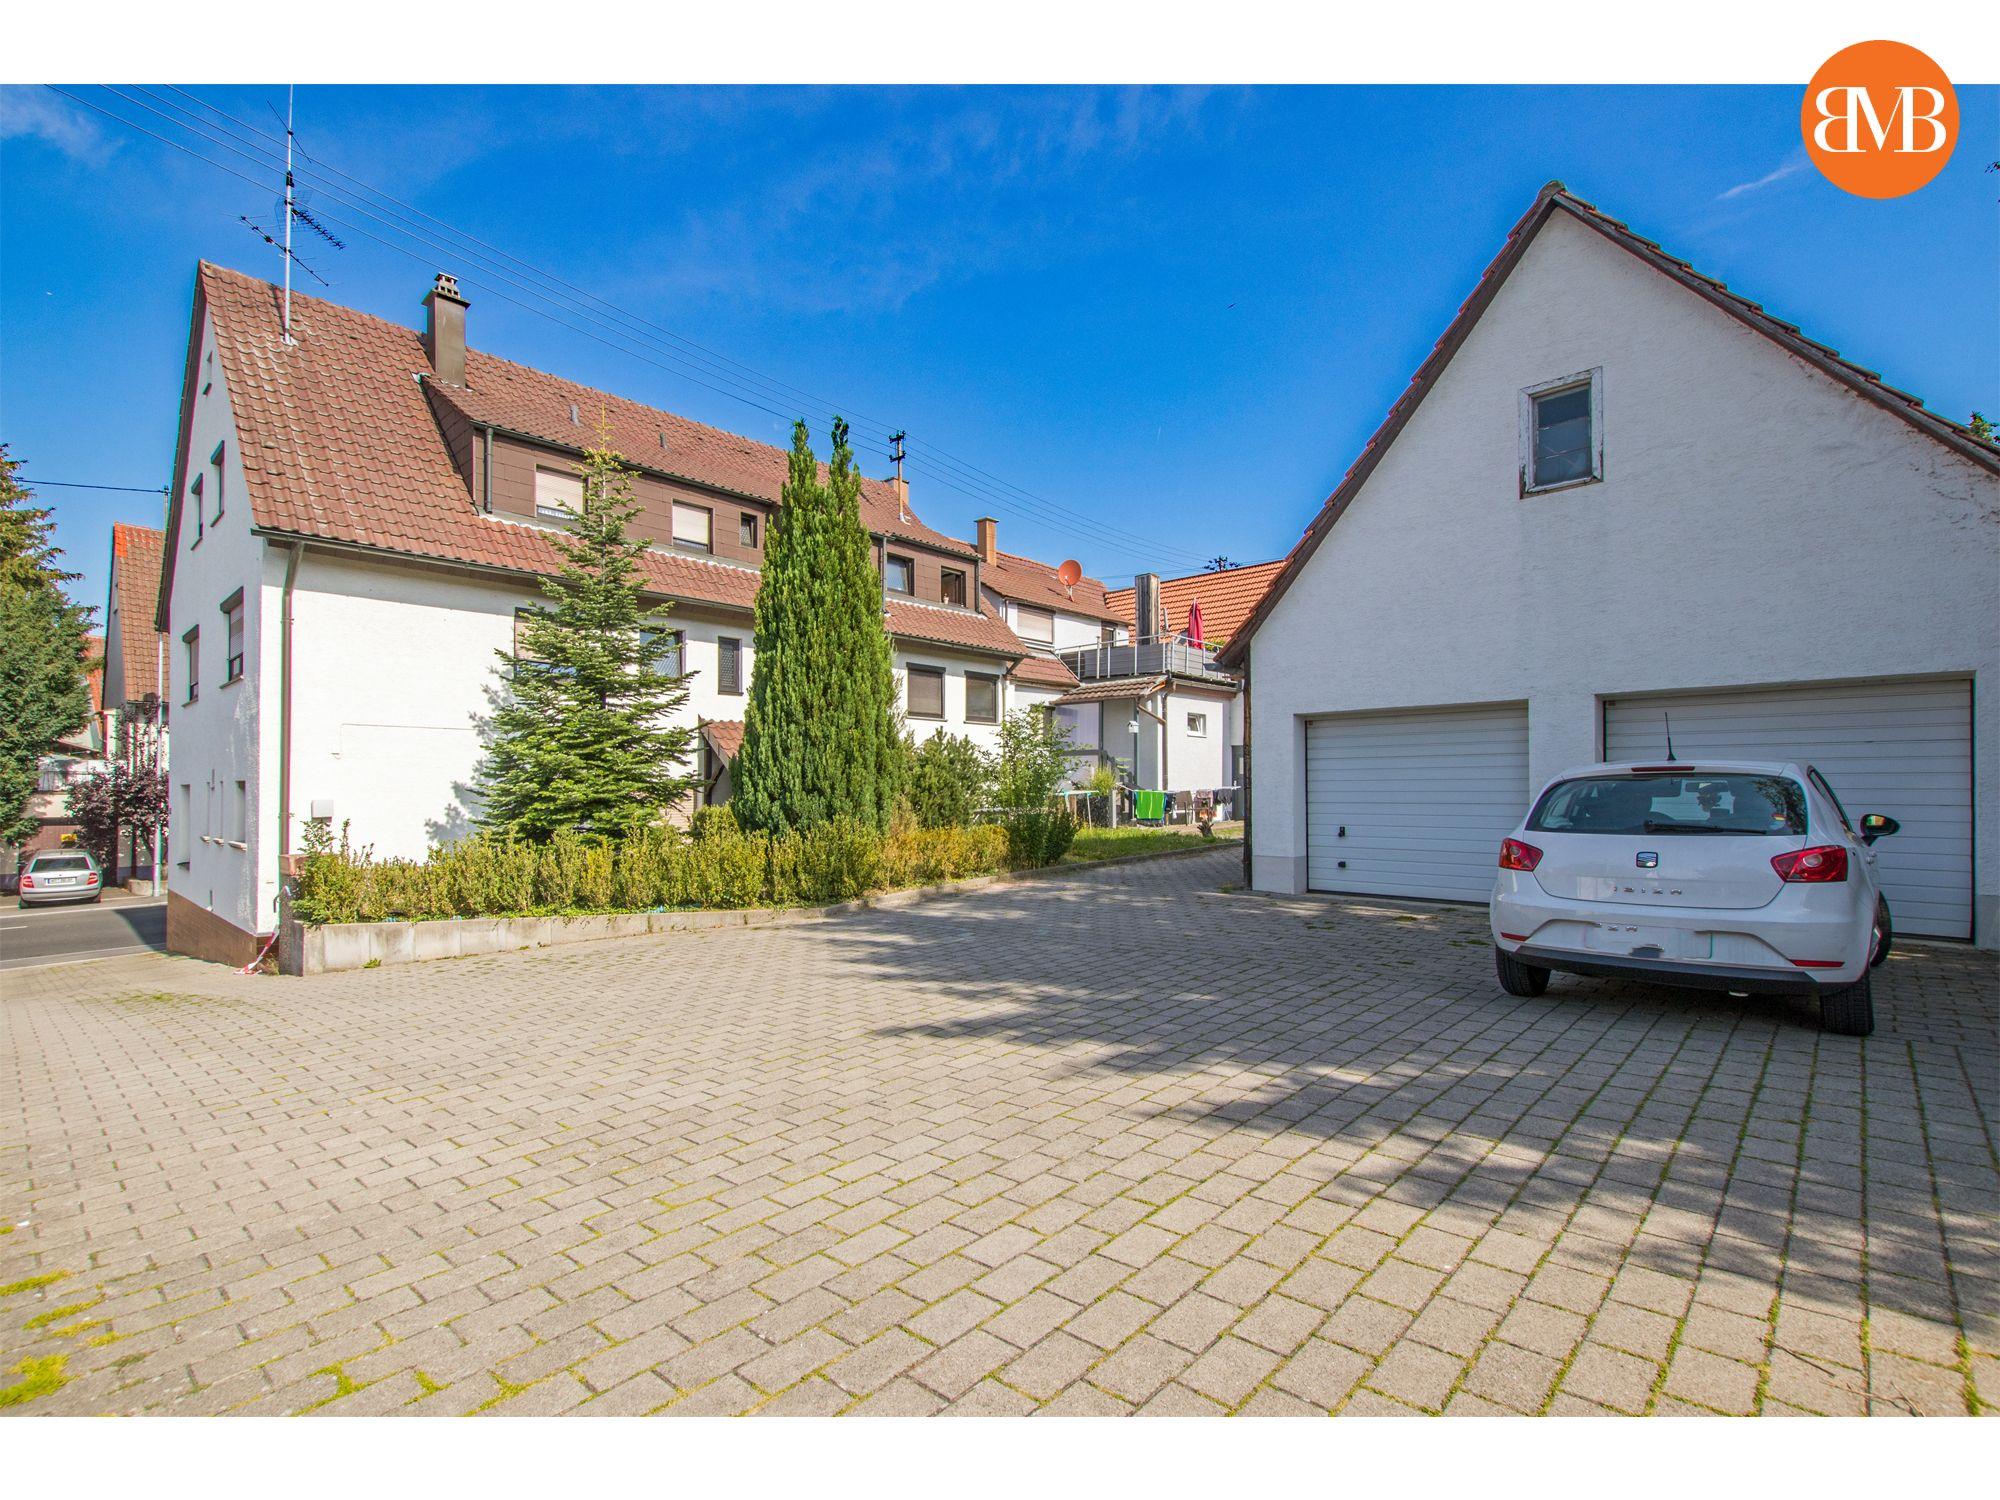 Stuttgart Immobilien, Familien haus und 2 zimmer wohnung